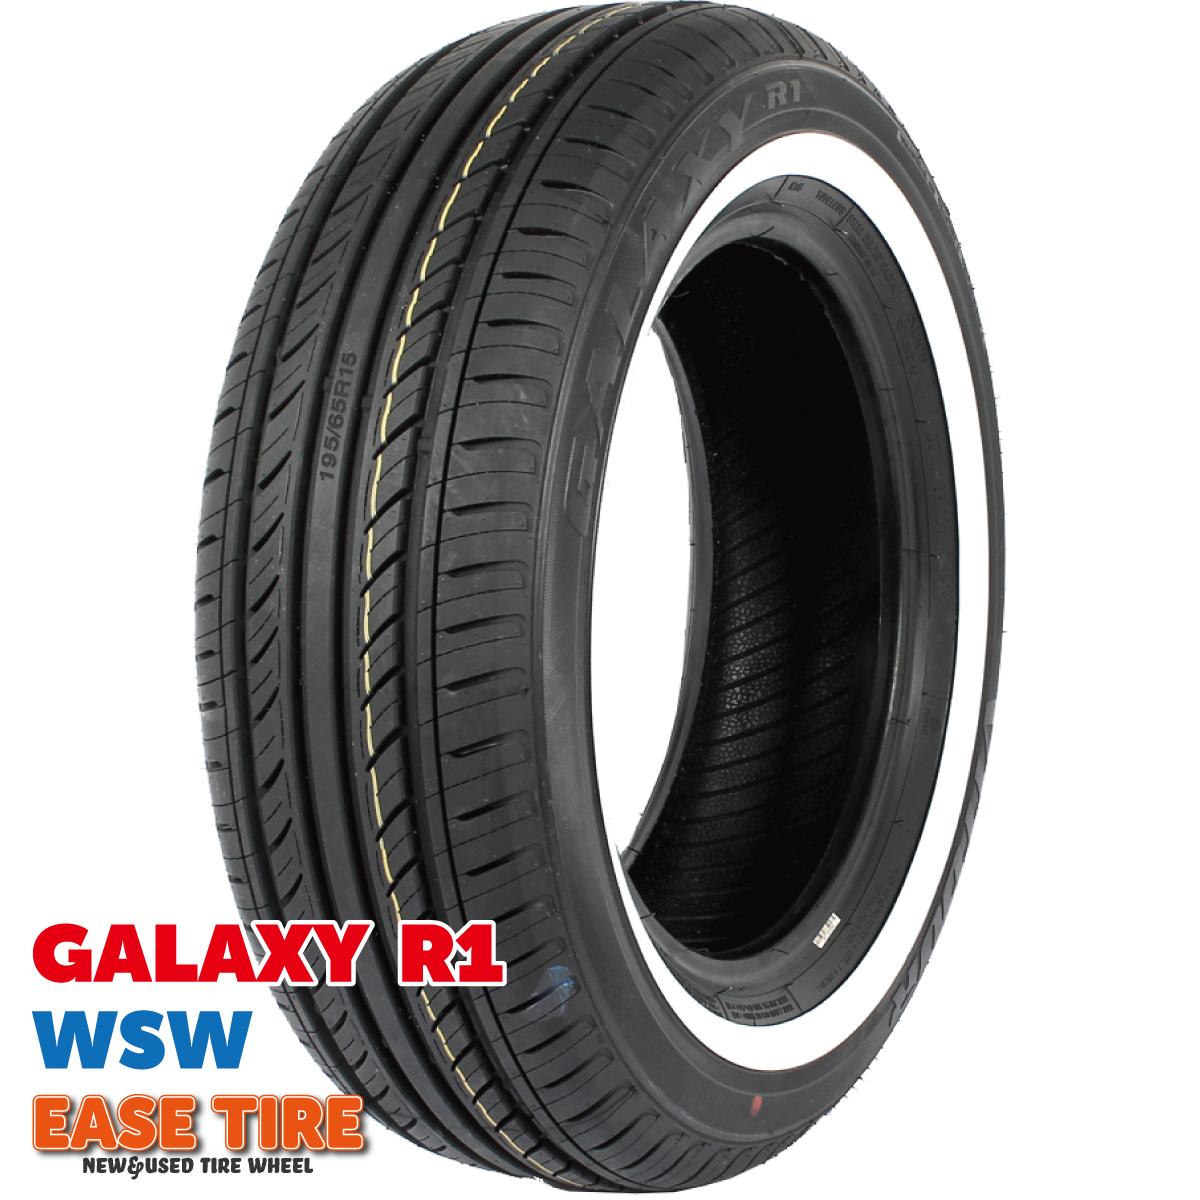 公式 1本価格 4本以上で送料無料 195 70R14 91H VITOUR GALAXY R1 信用 WSW ヴィツァーギャラクシー ホワイトリボン